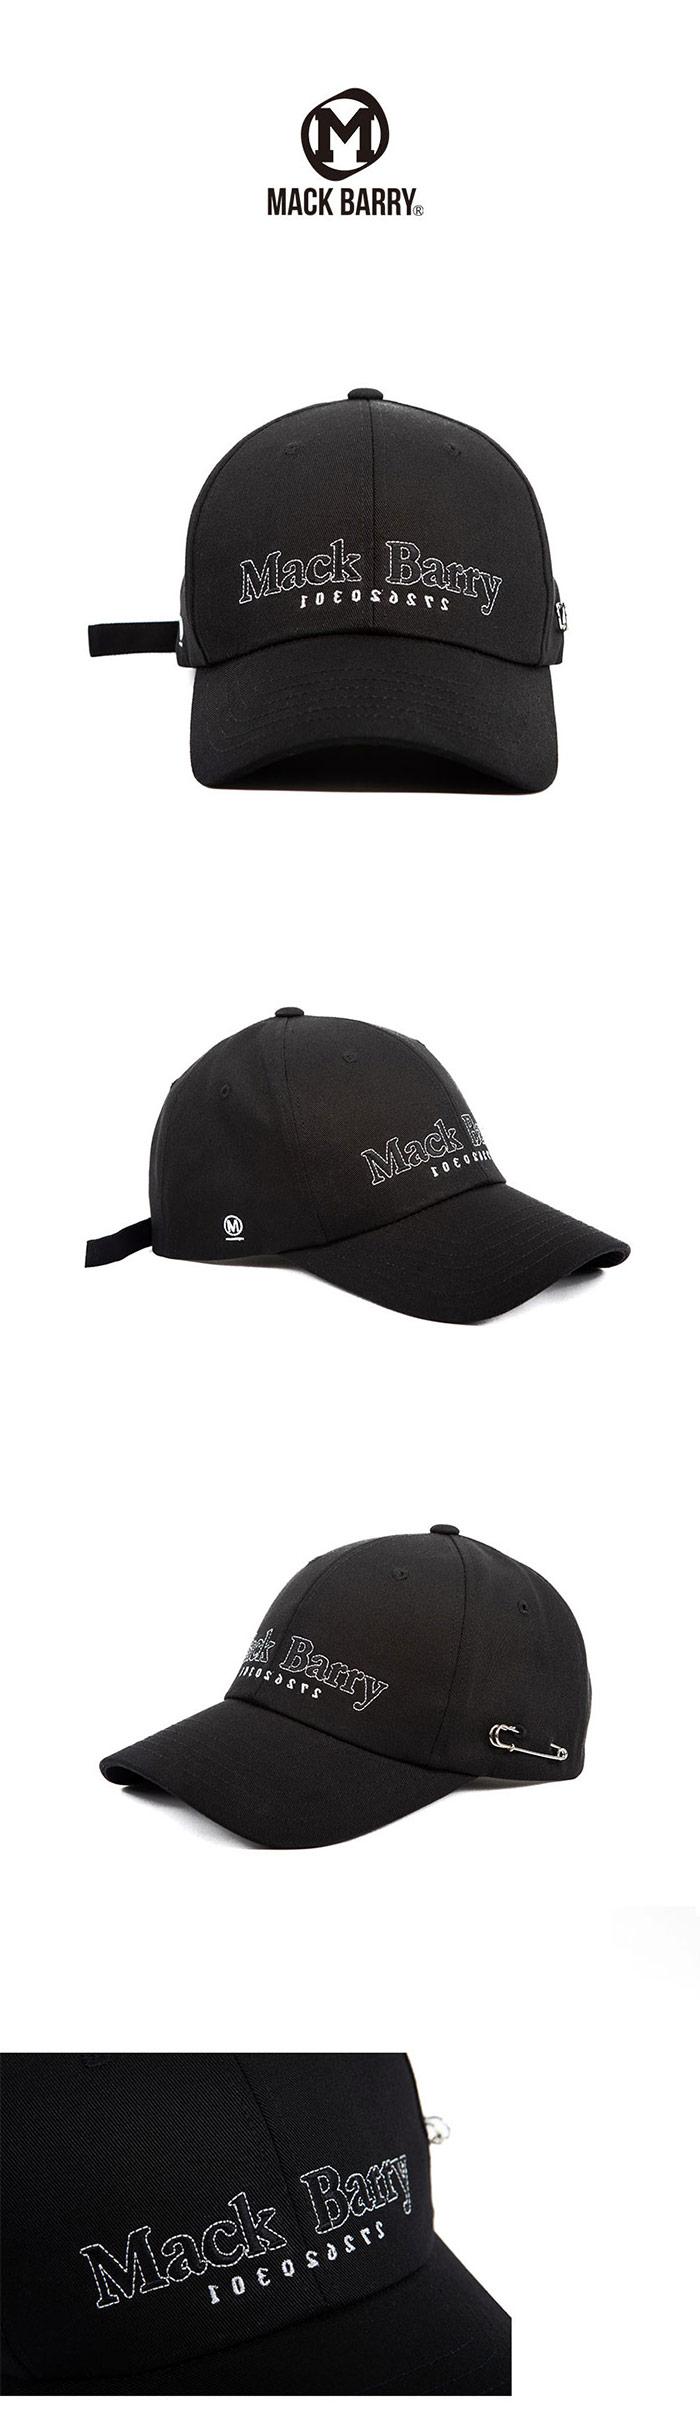 bts_seokjin_cap1